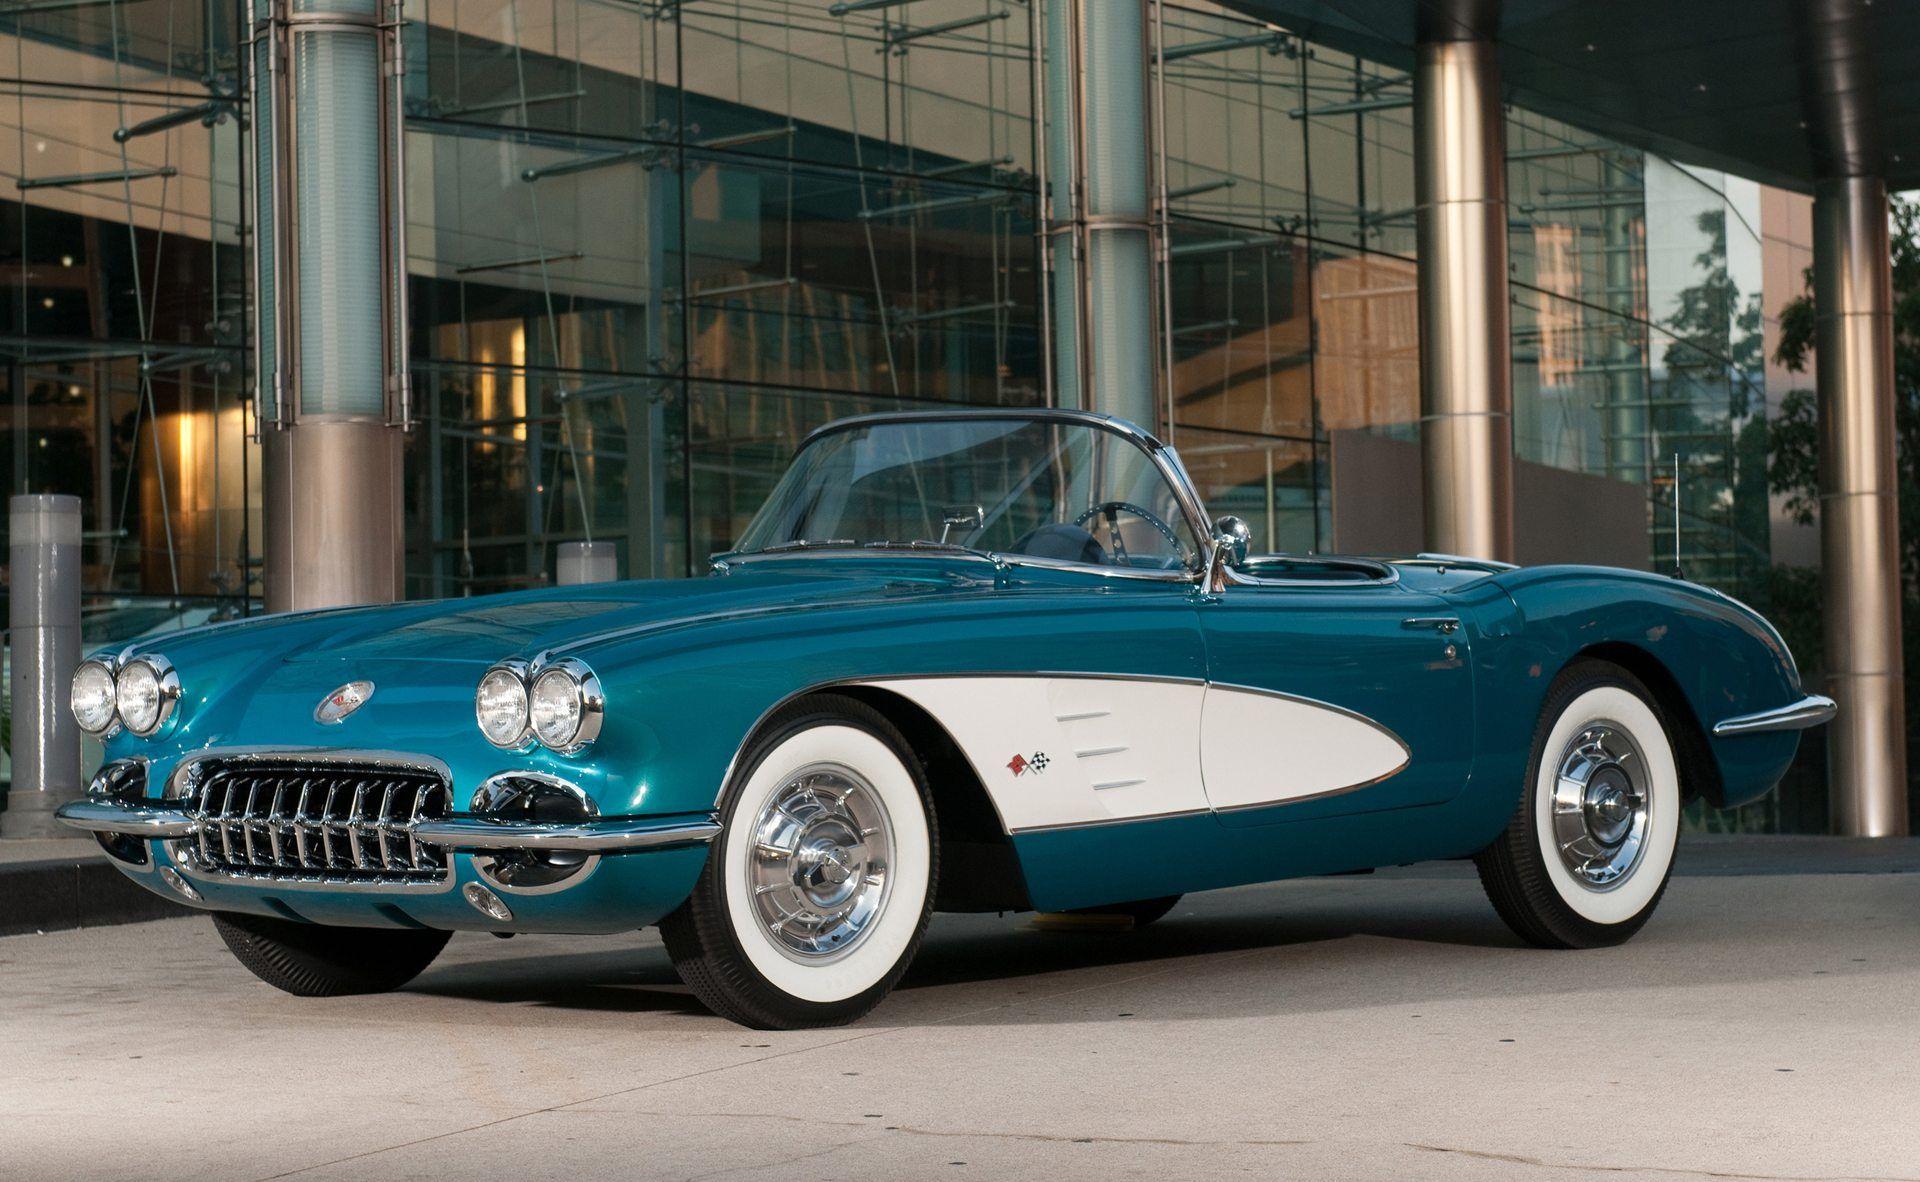 1958 C1 Corvette | 1958 Corvette | Chevrolet corvette c1